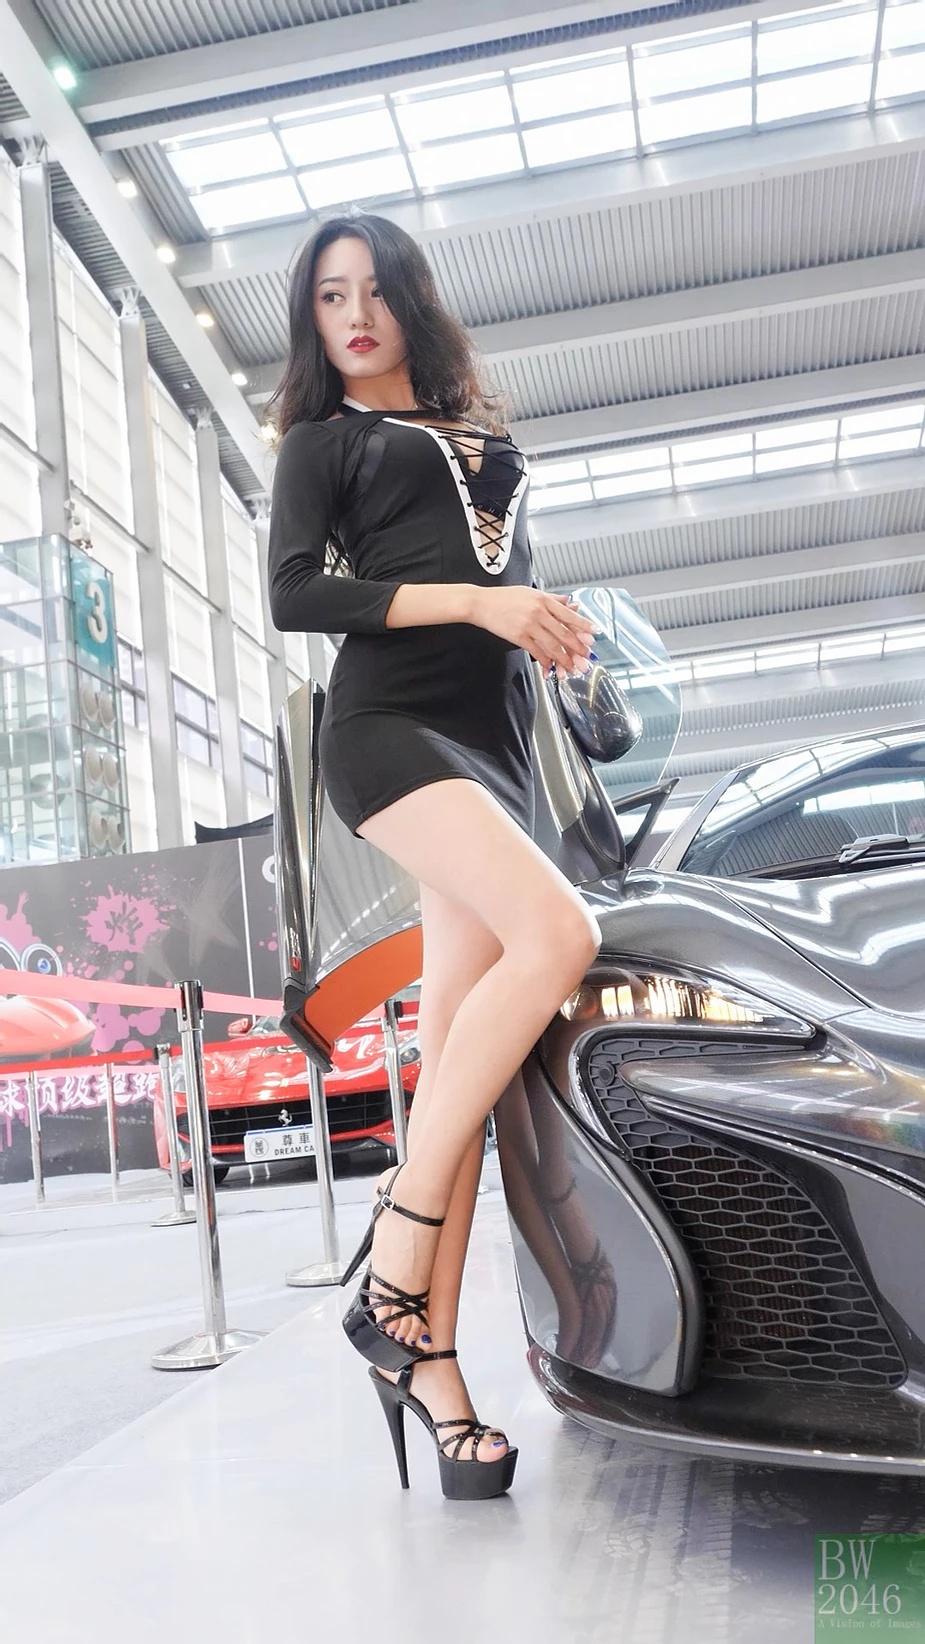 Với chiếc váy đen bó sát gợi cảm khoe làn da trắng ngần, người đẹp tự tin tạo dáng trước rừng ống kính tại triển lãm xe Thâm Quyến